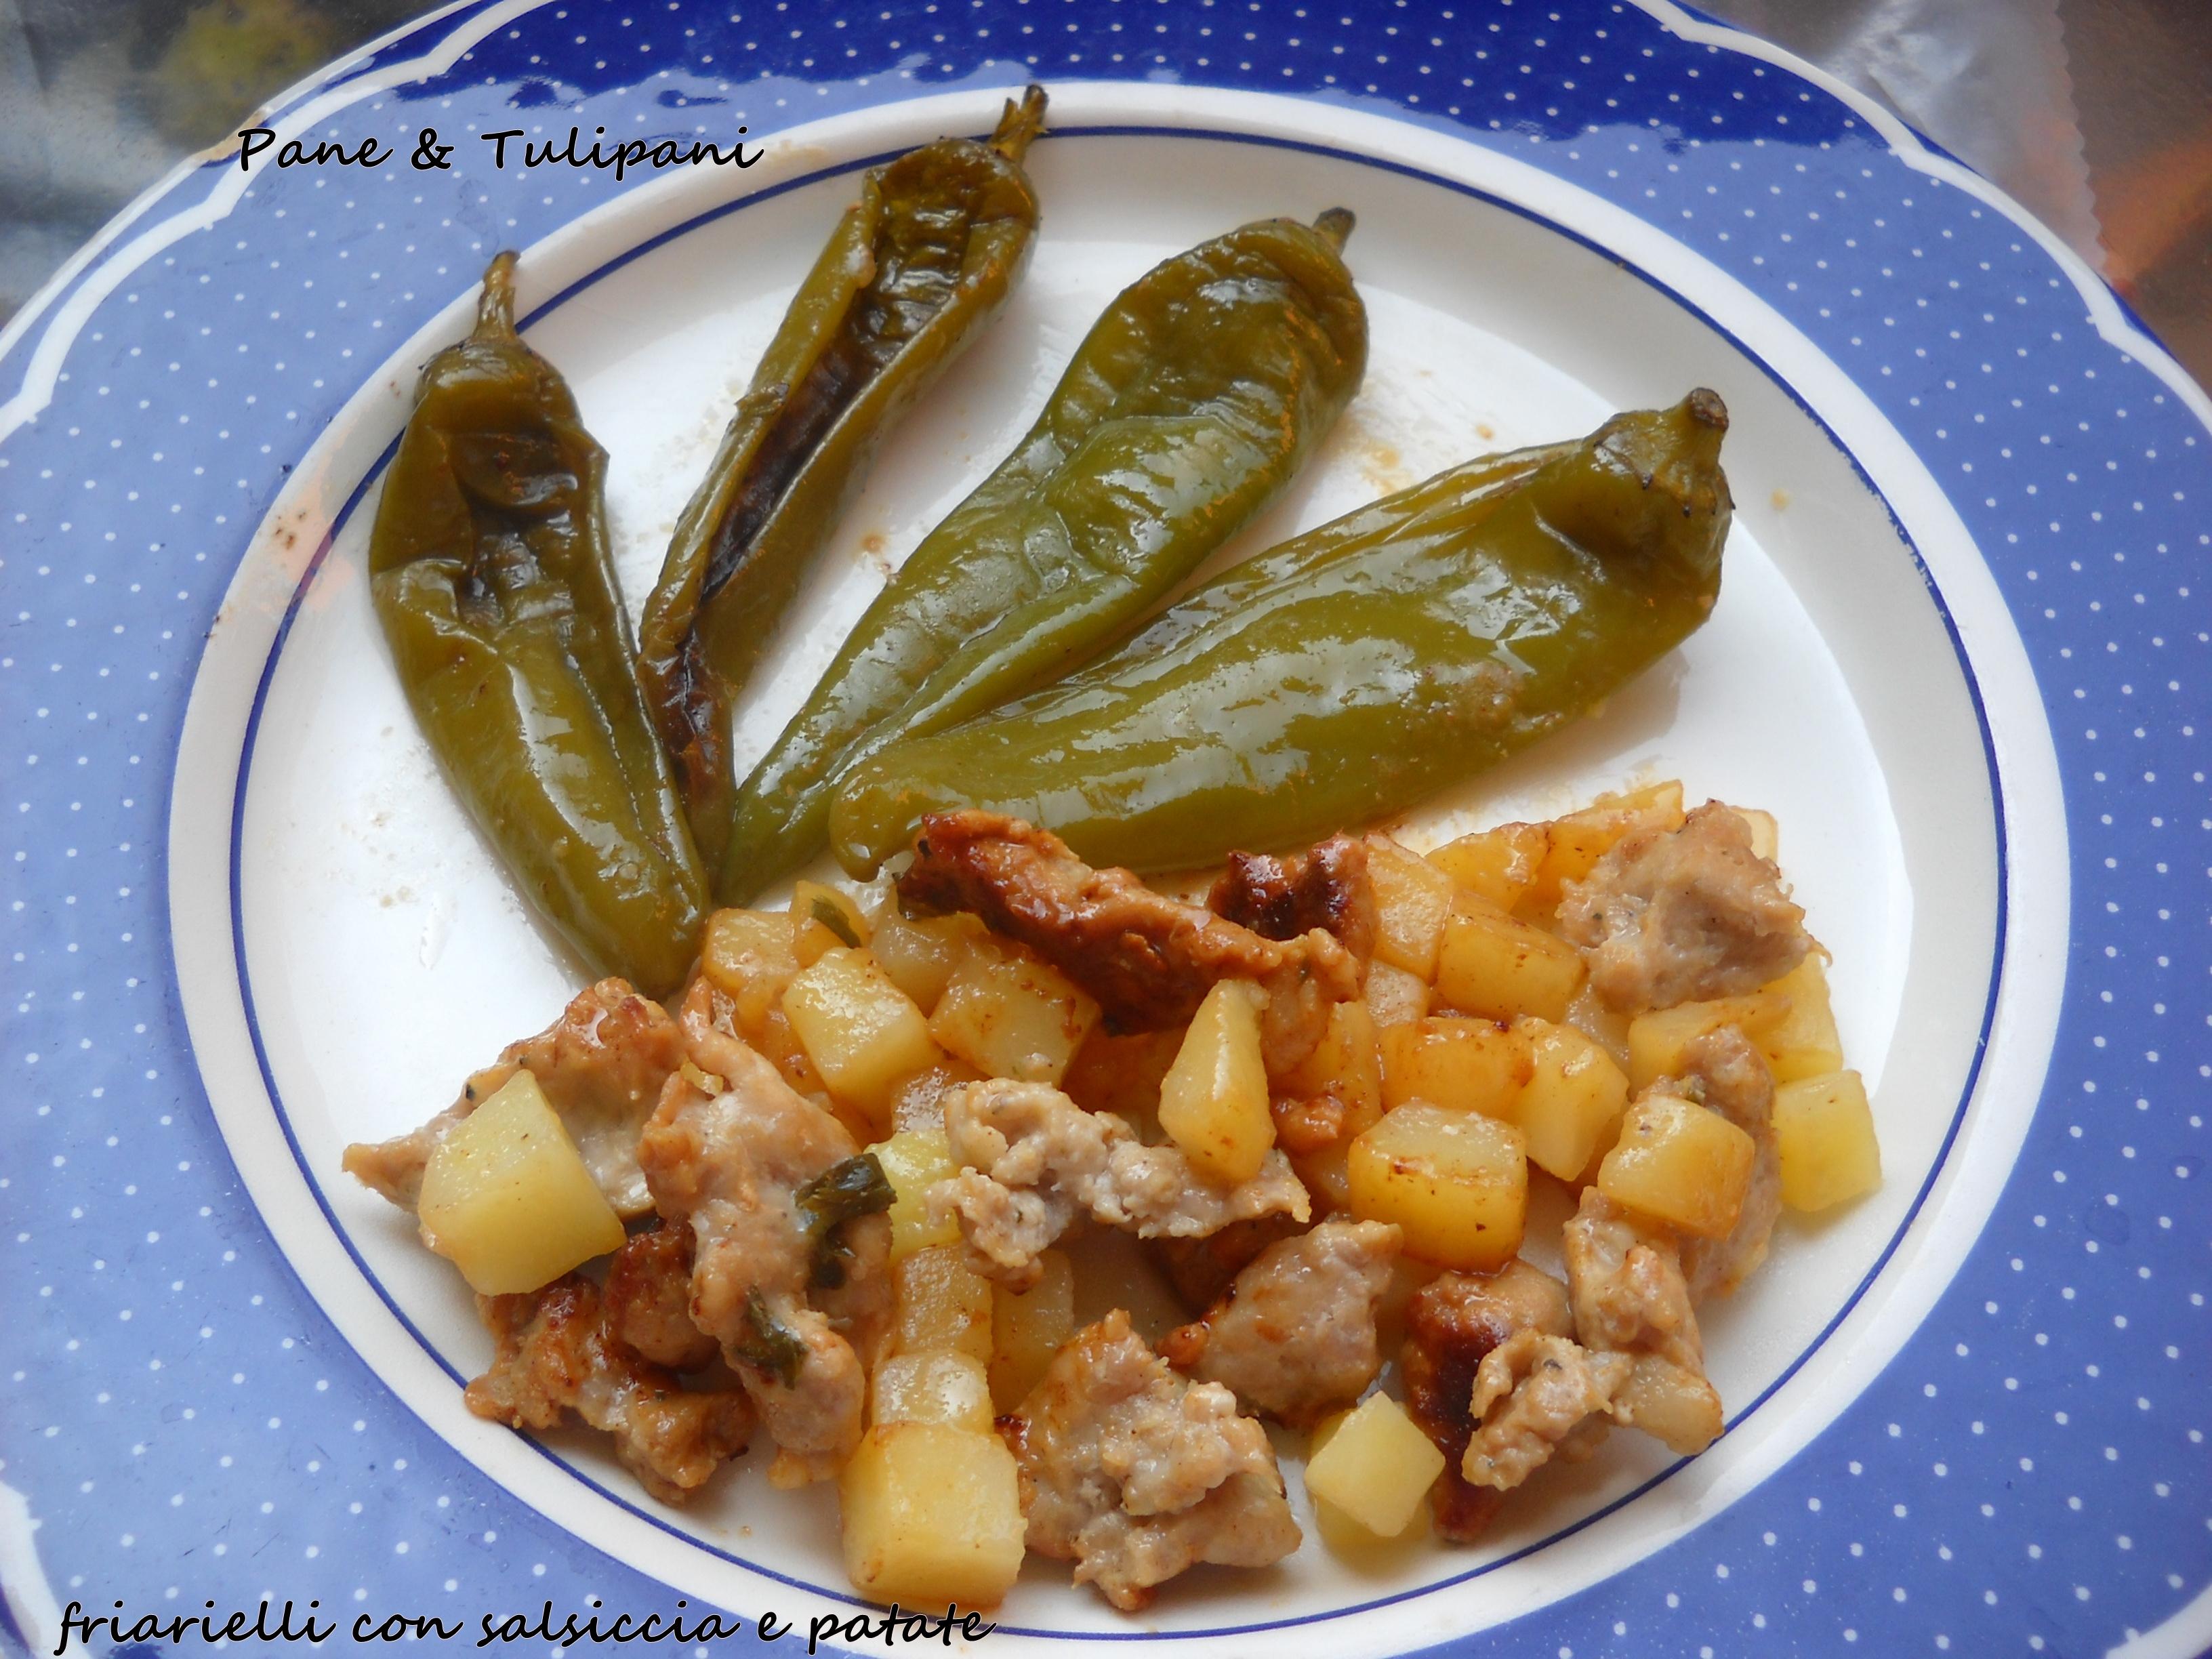 friarielli con salsiccia e patate